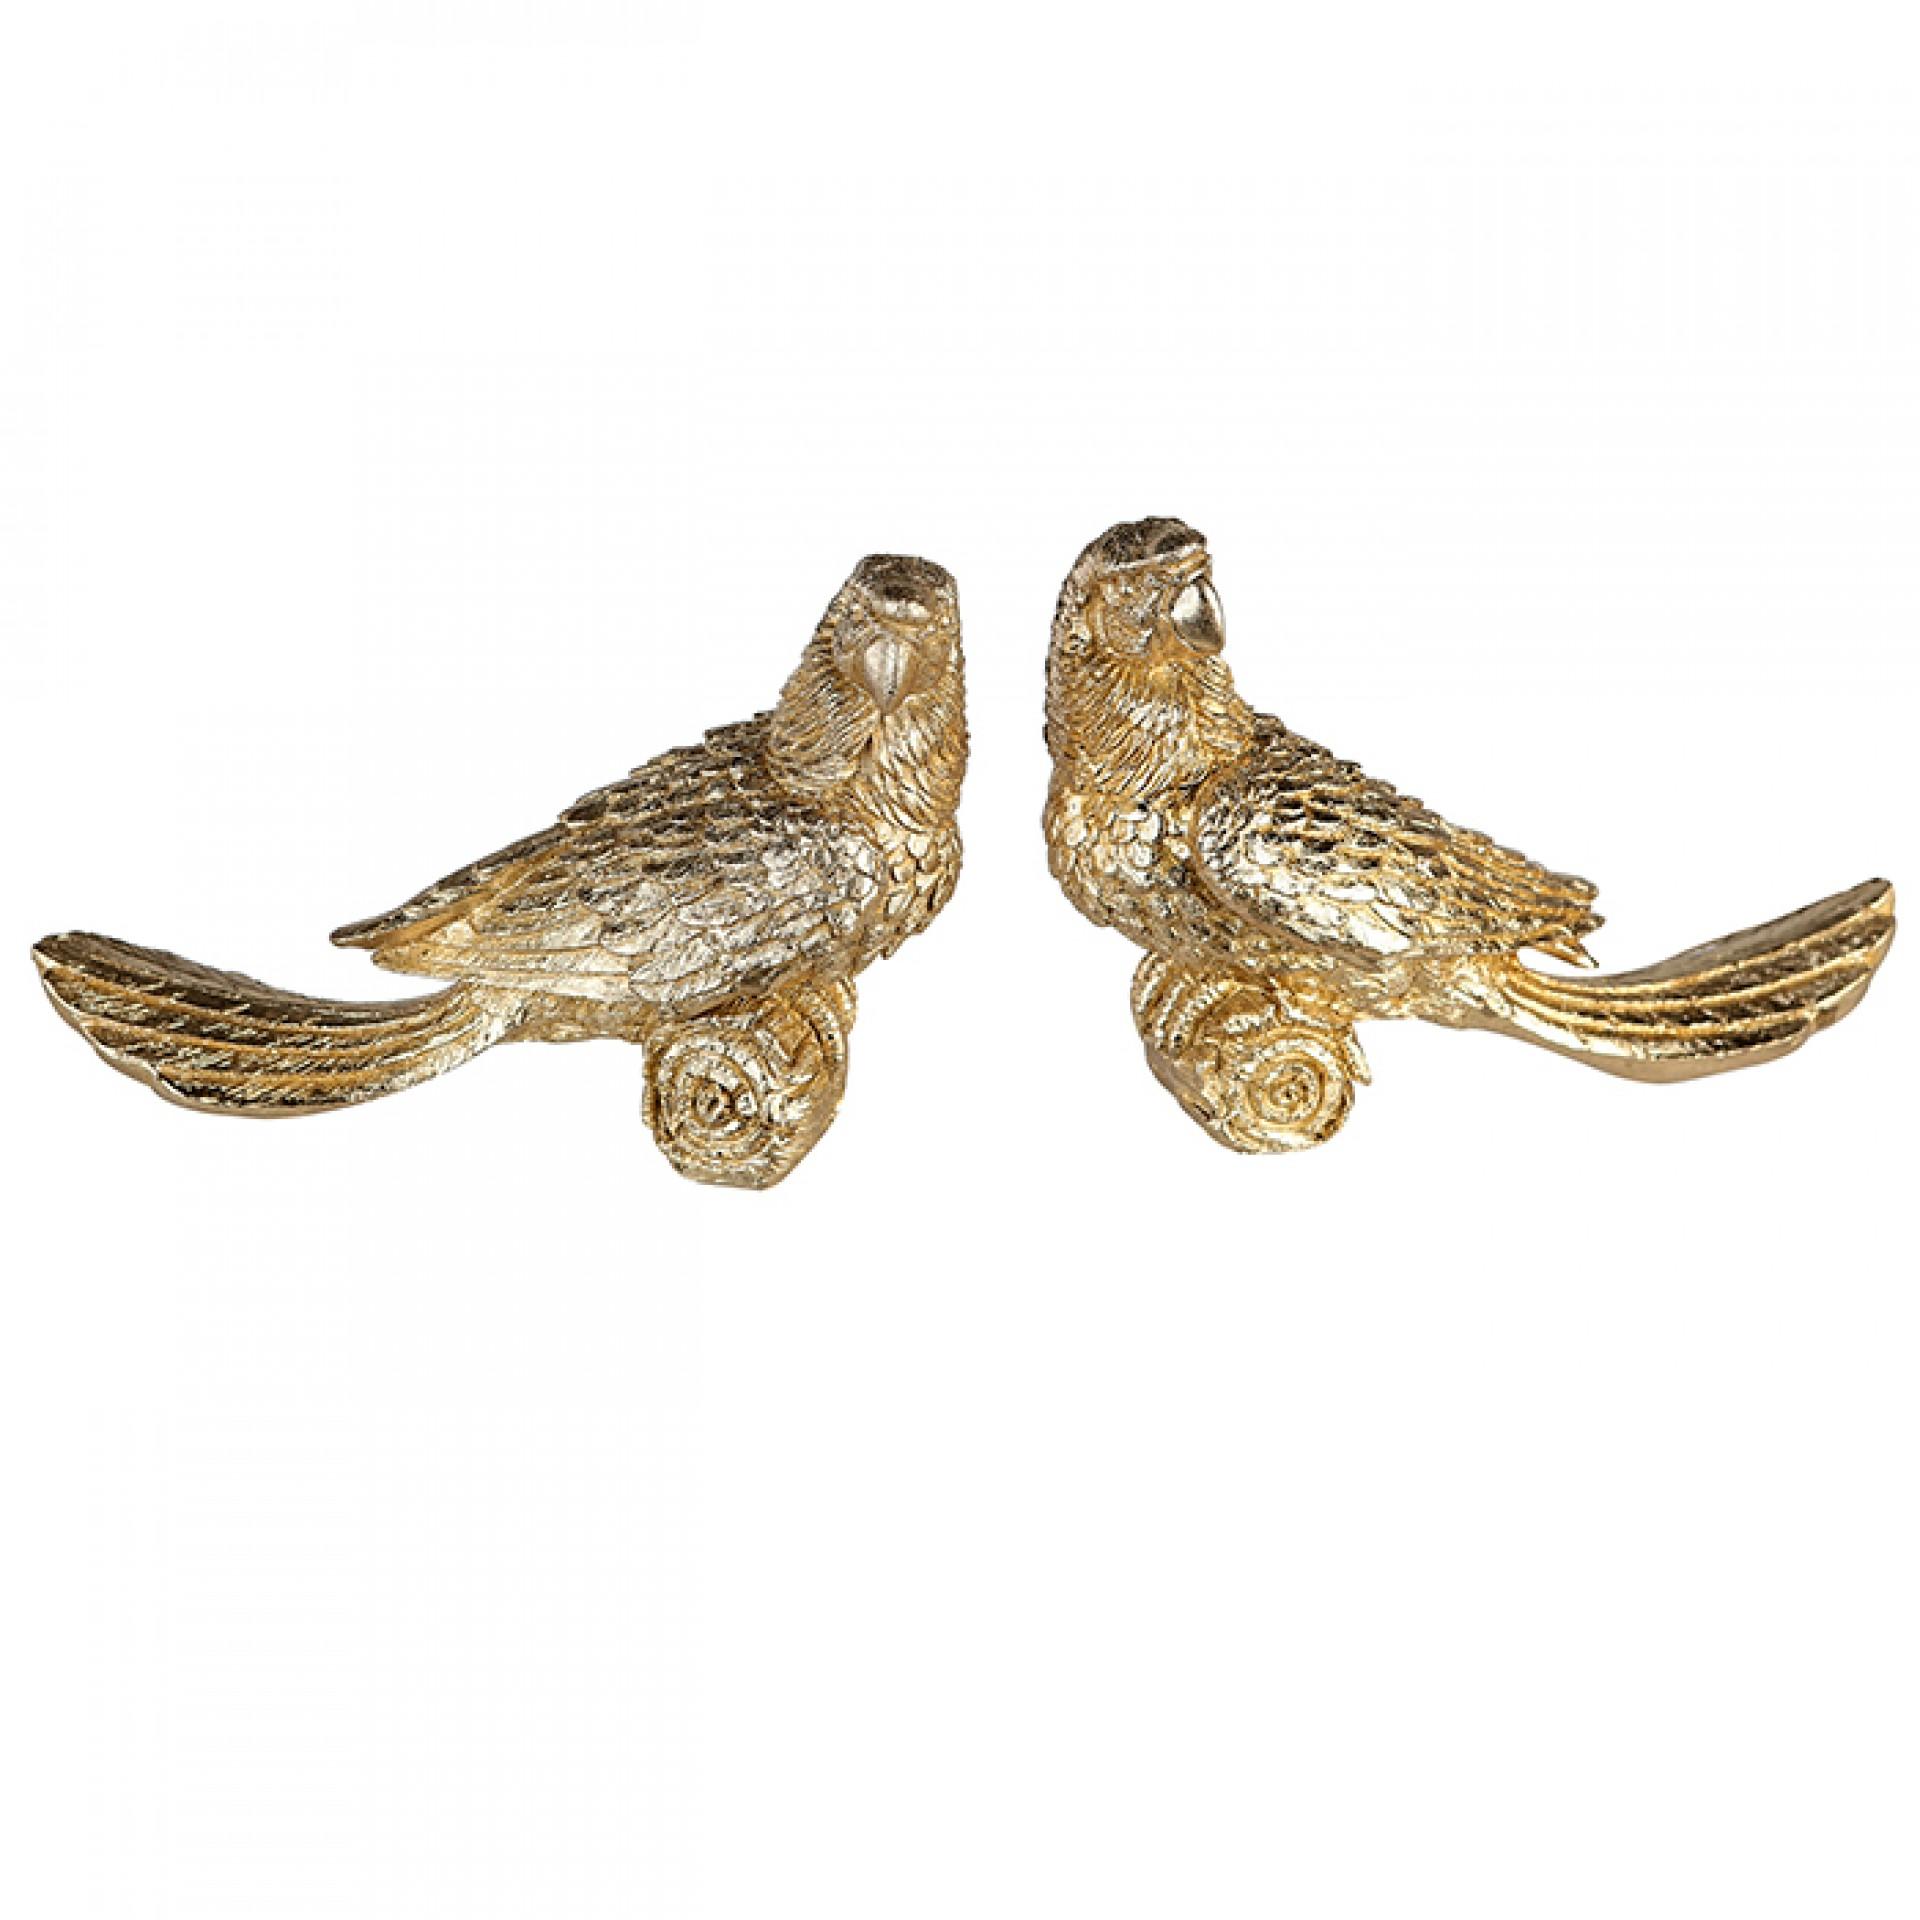 Figurka Papoušek, 25 cm, sada 2 ks, zlatá